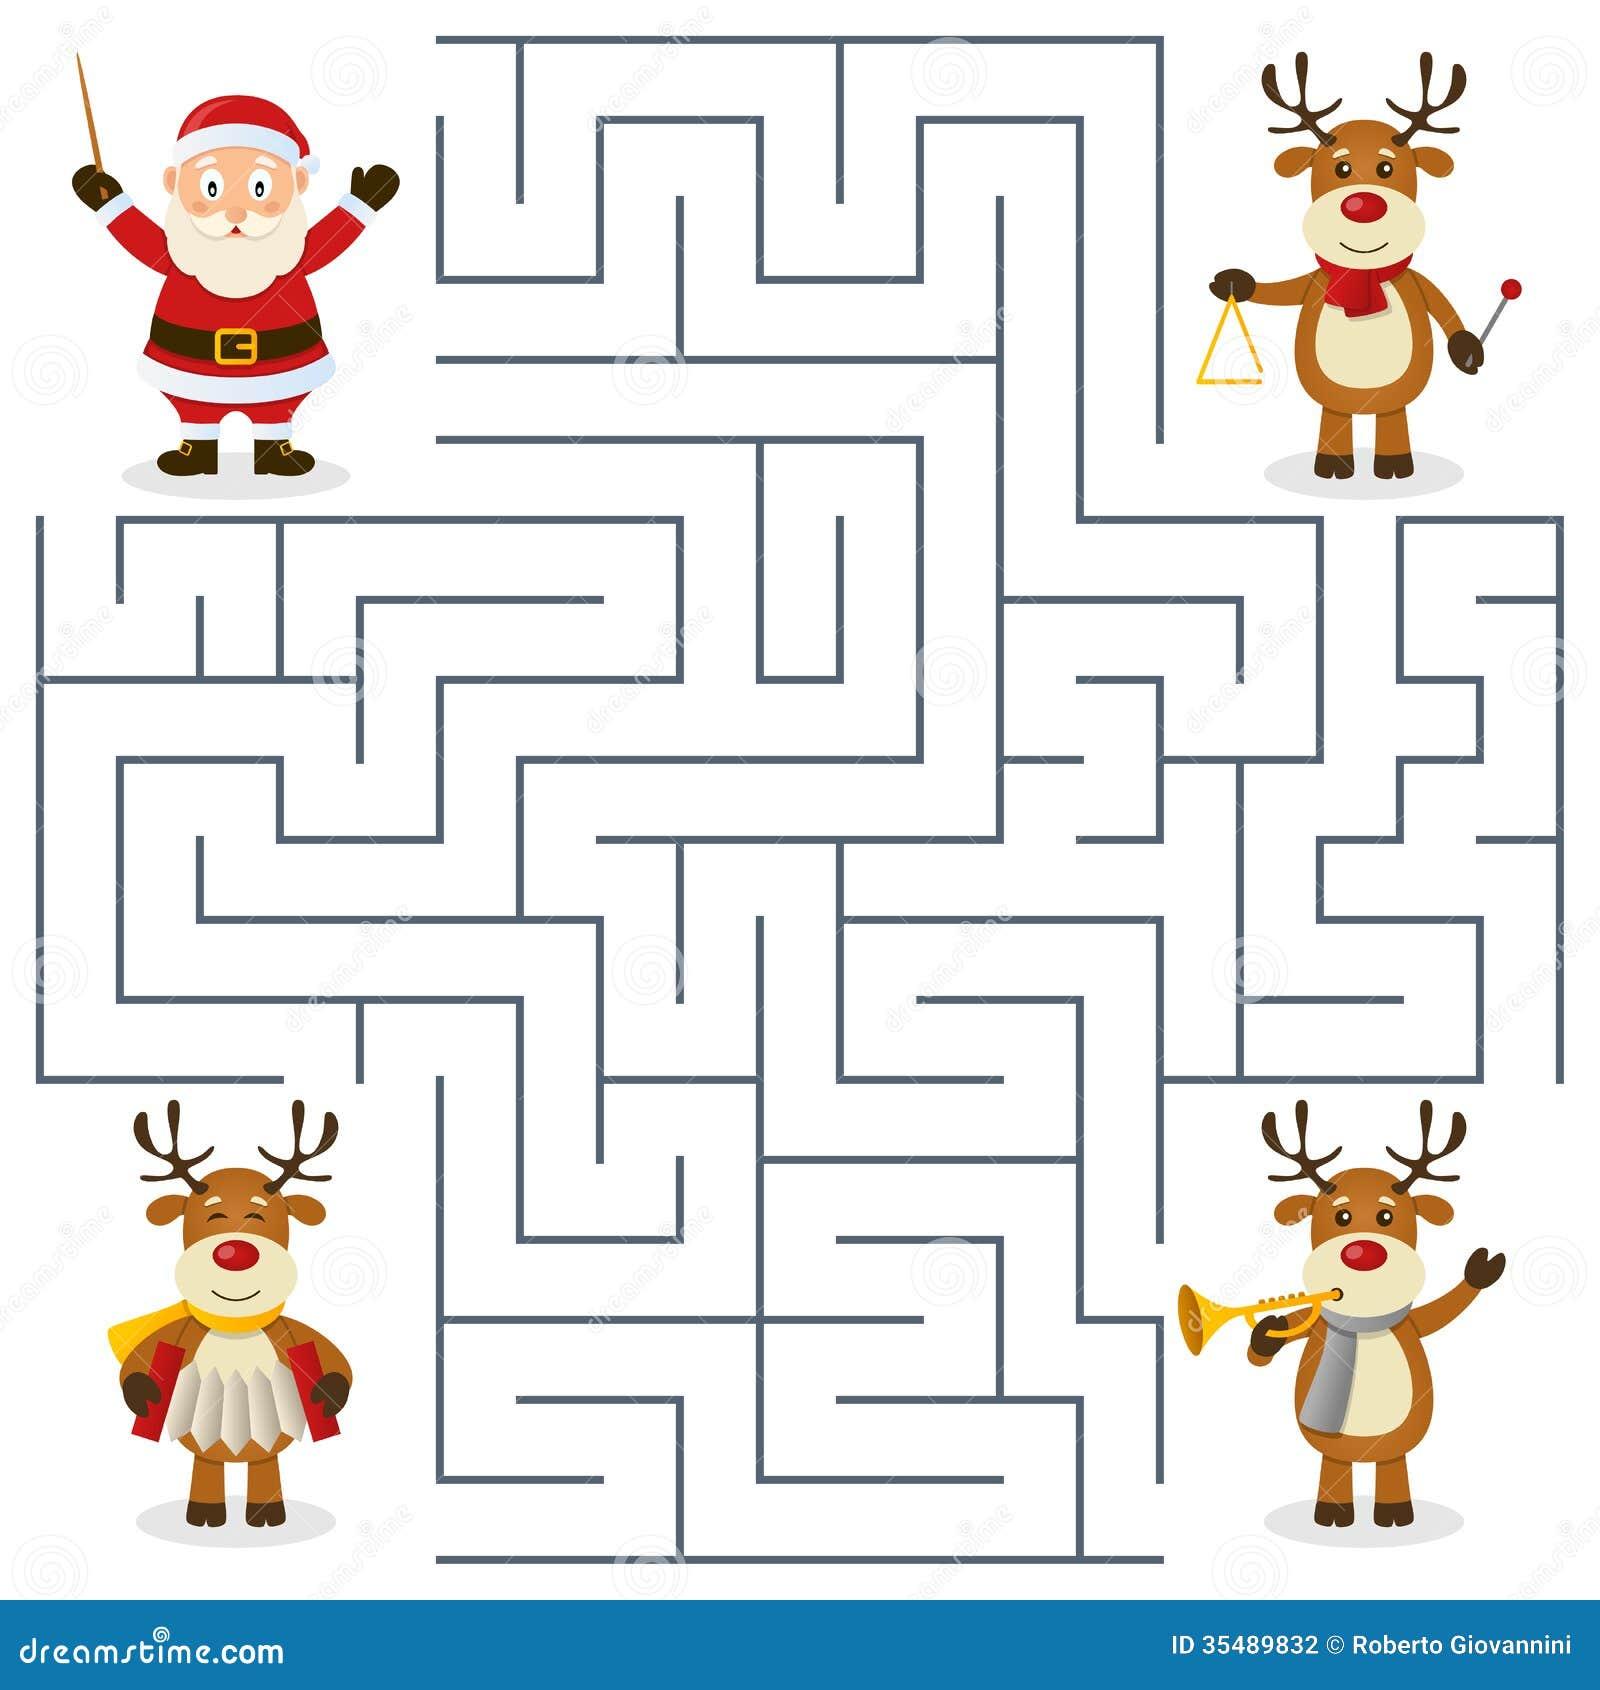 Labirinto da orquestra da rena para crianças